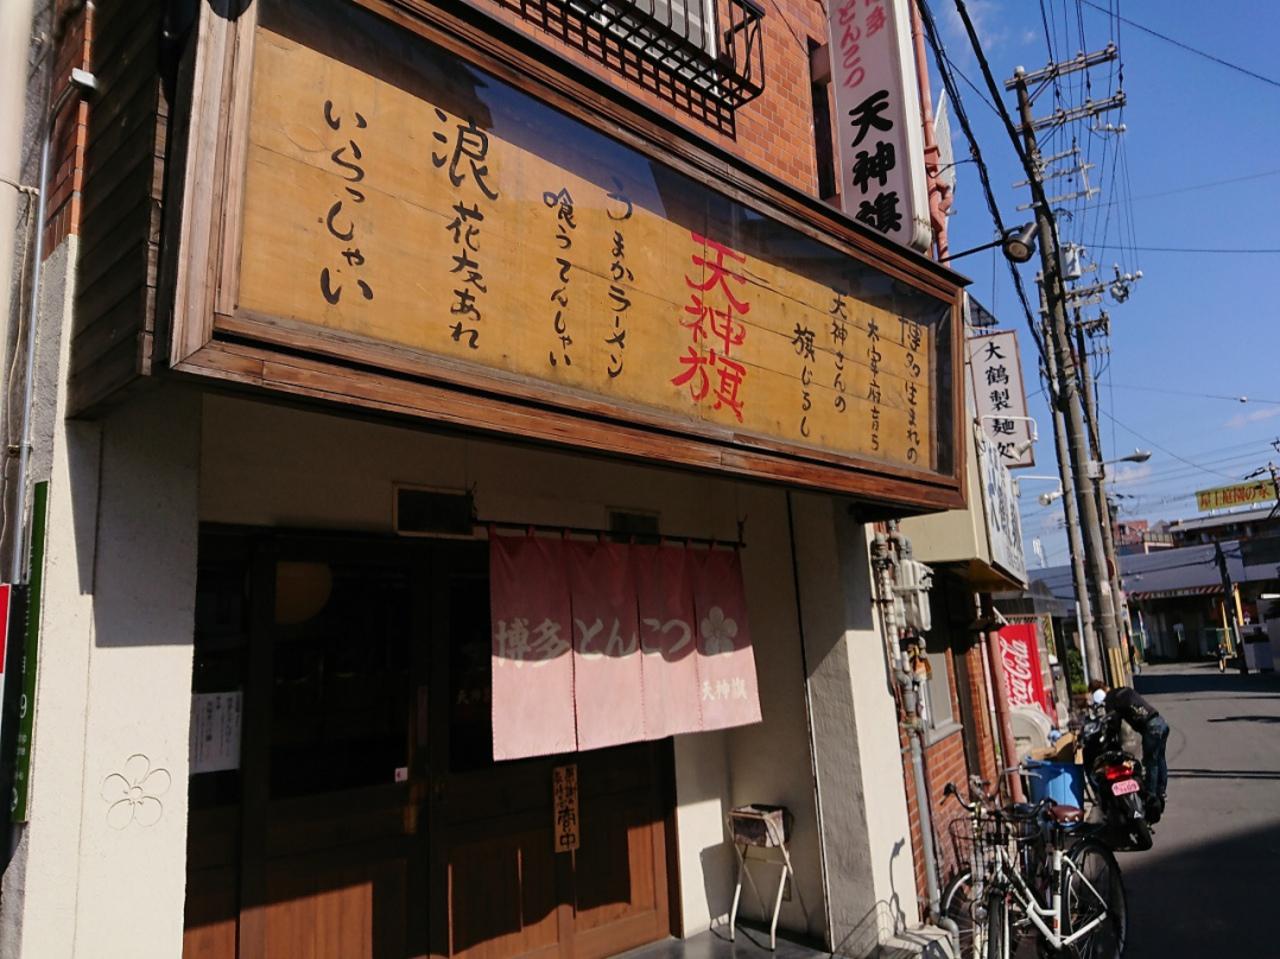 上新庄駅北口近くの有名ラーメン店『博多とんこつ天神旗』。。。